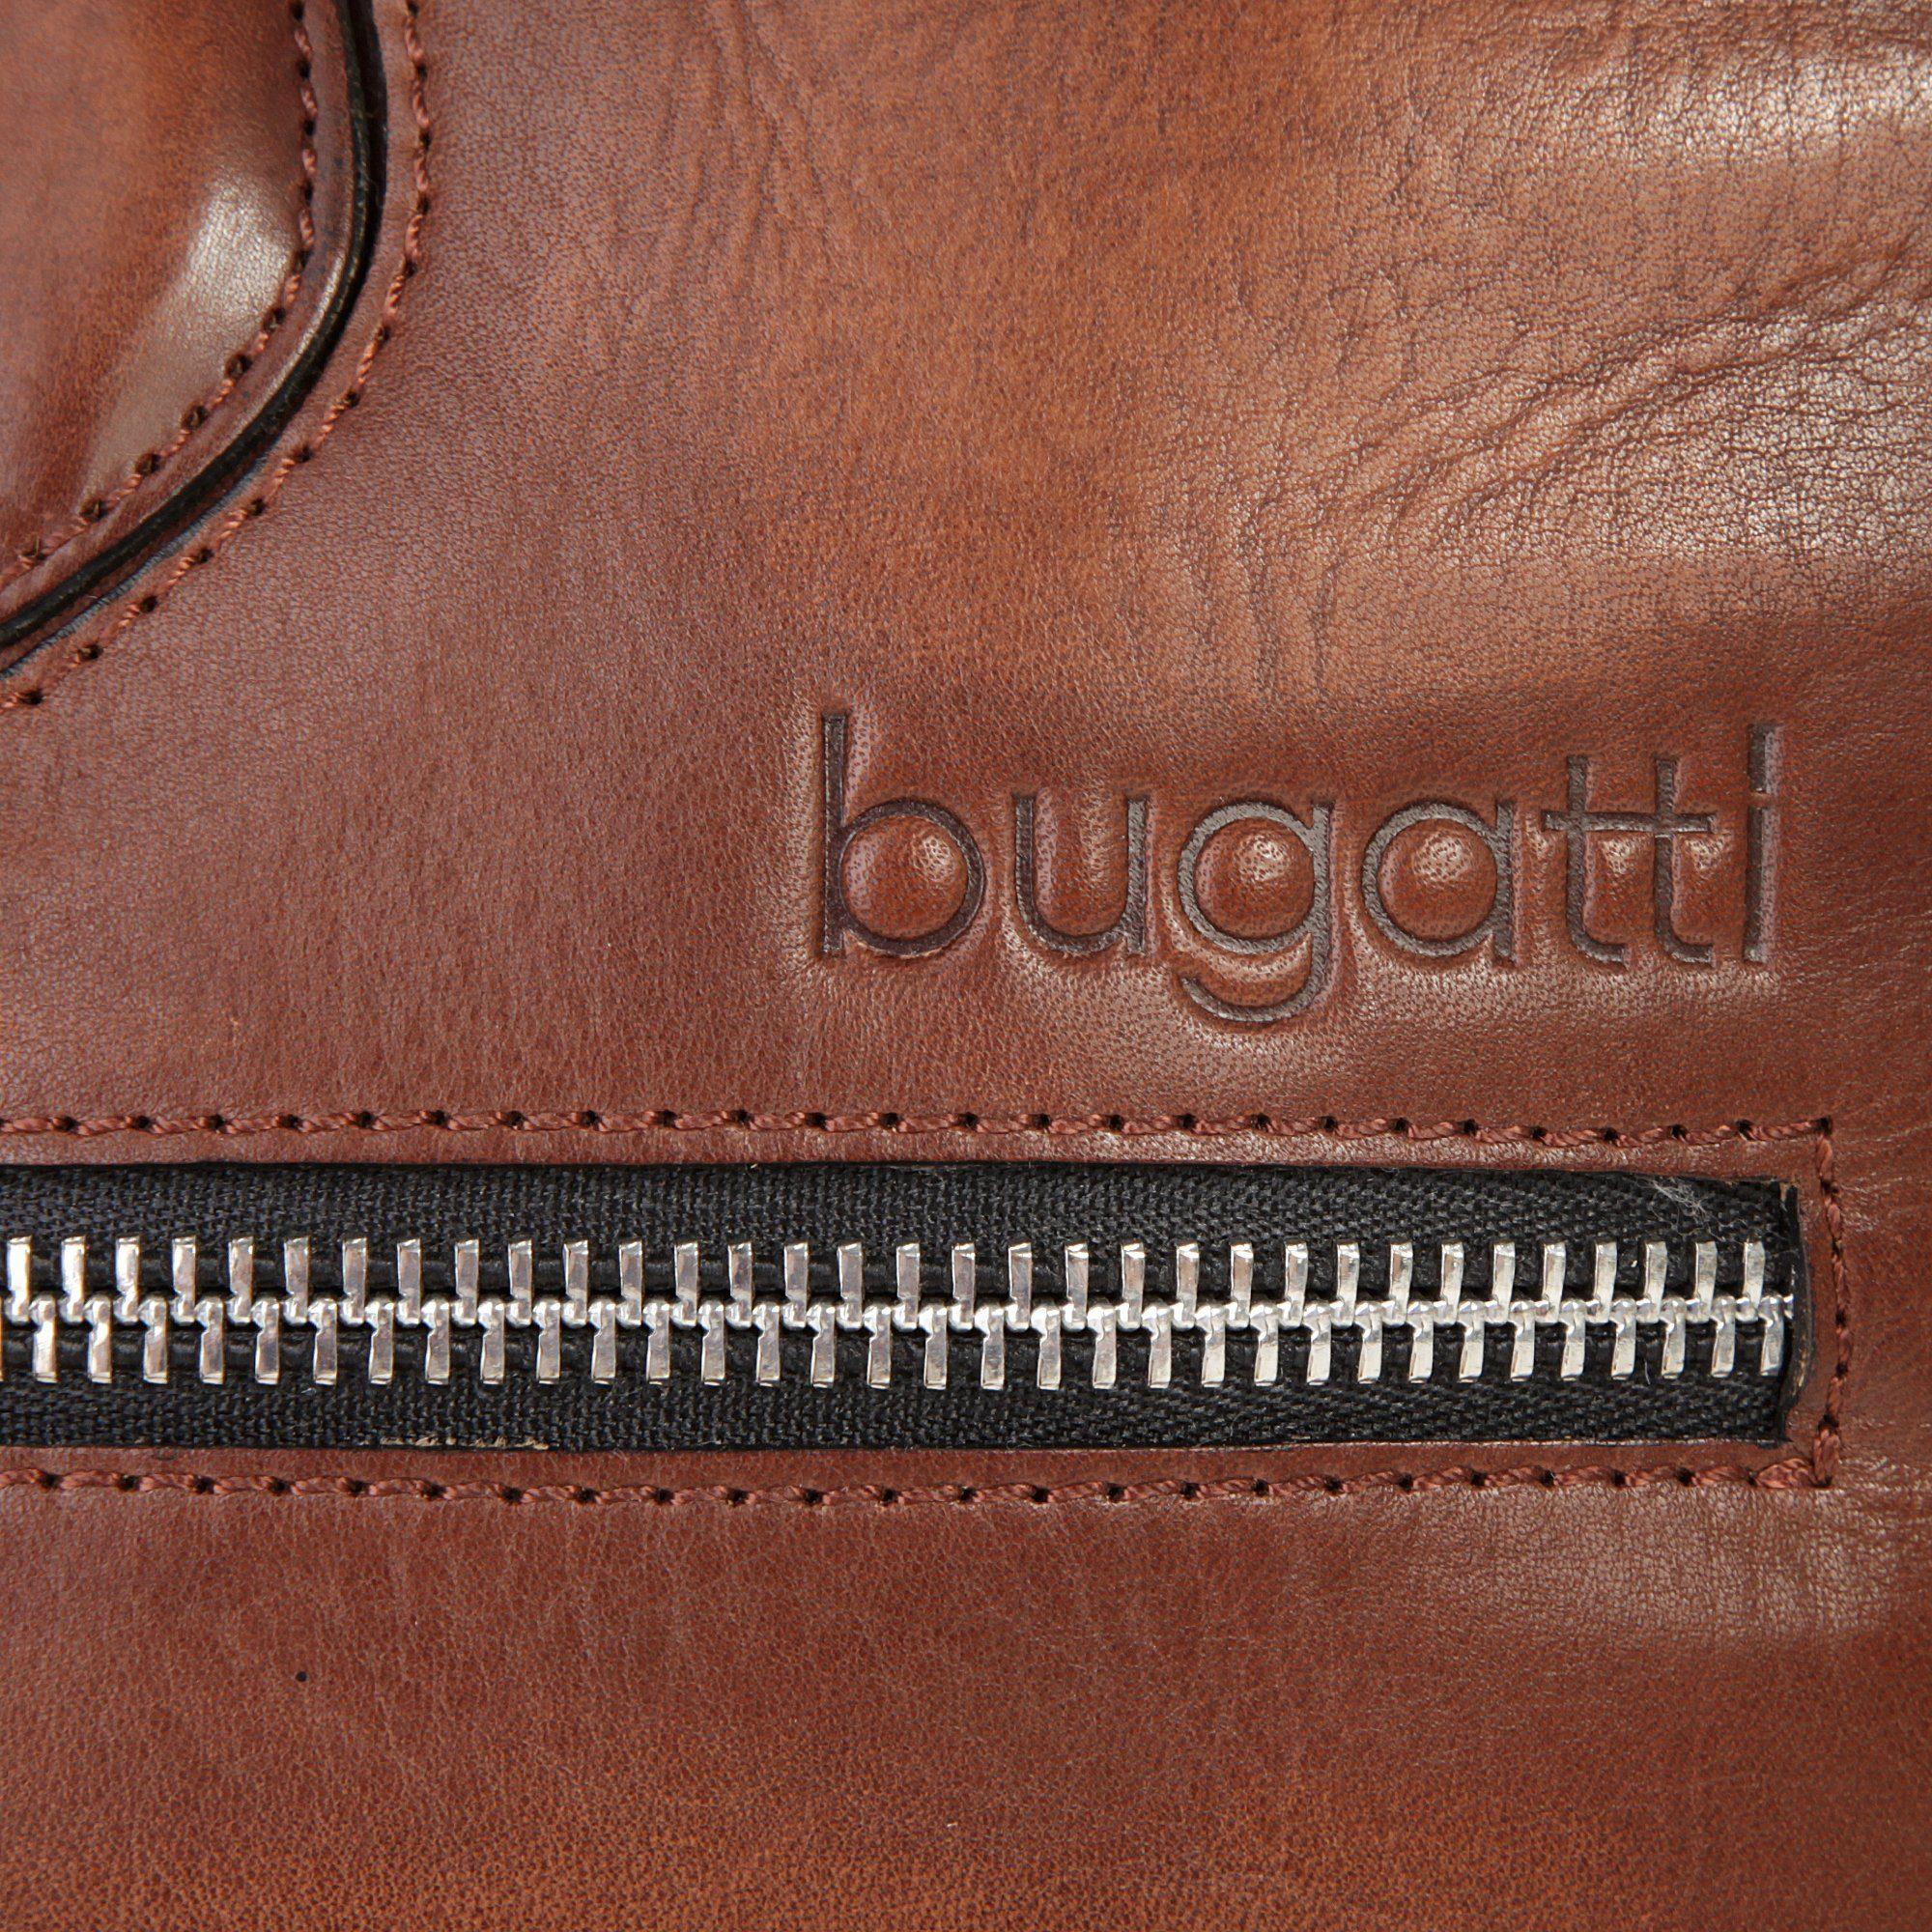 »domus« Aktentasche »domus« »domus« Bugatti Bugatti Aktentasche Bugatti »domus« Bugatti Aktentasche Bugatti Aktentasche Bugatti Aktentasche »domus« Aktentasche xAqwwUPHp